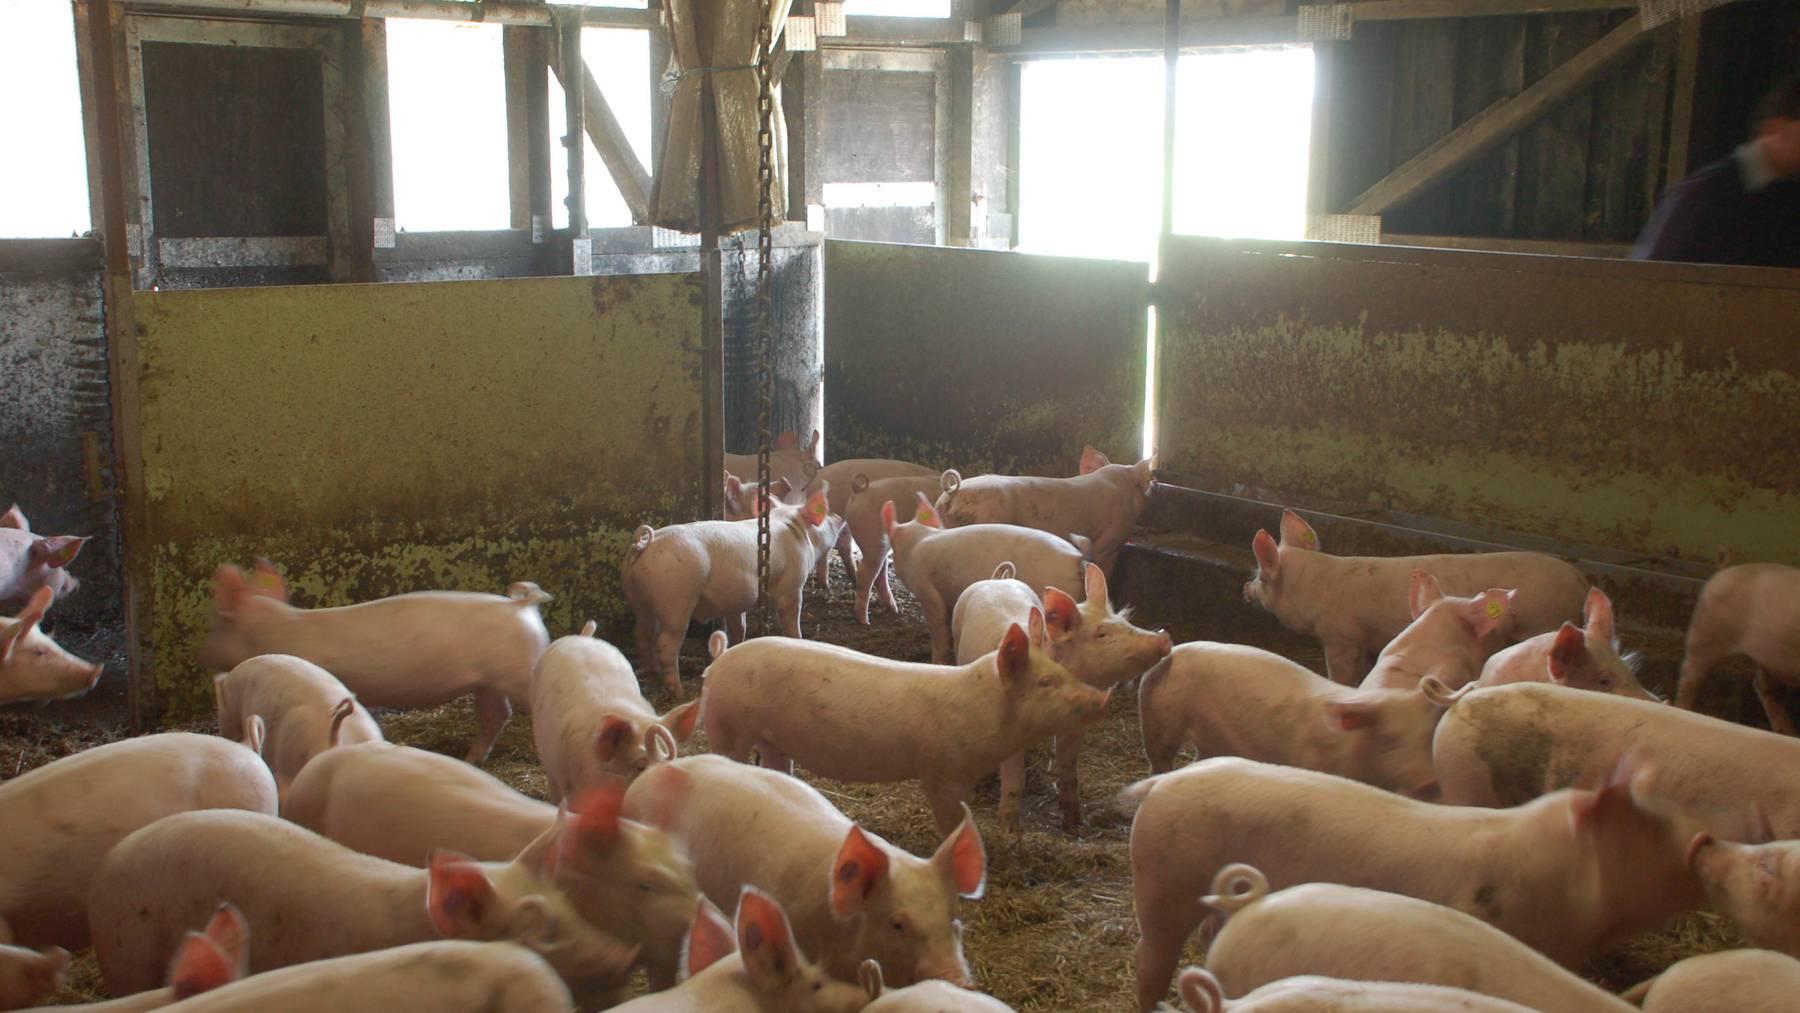 Durchschnittliches Jahr für Schweizer Bauern